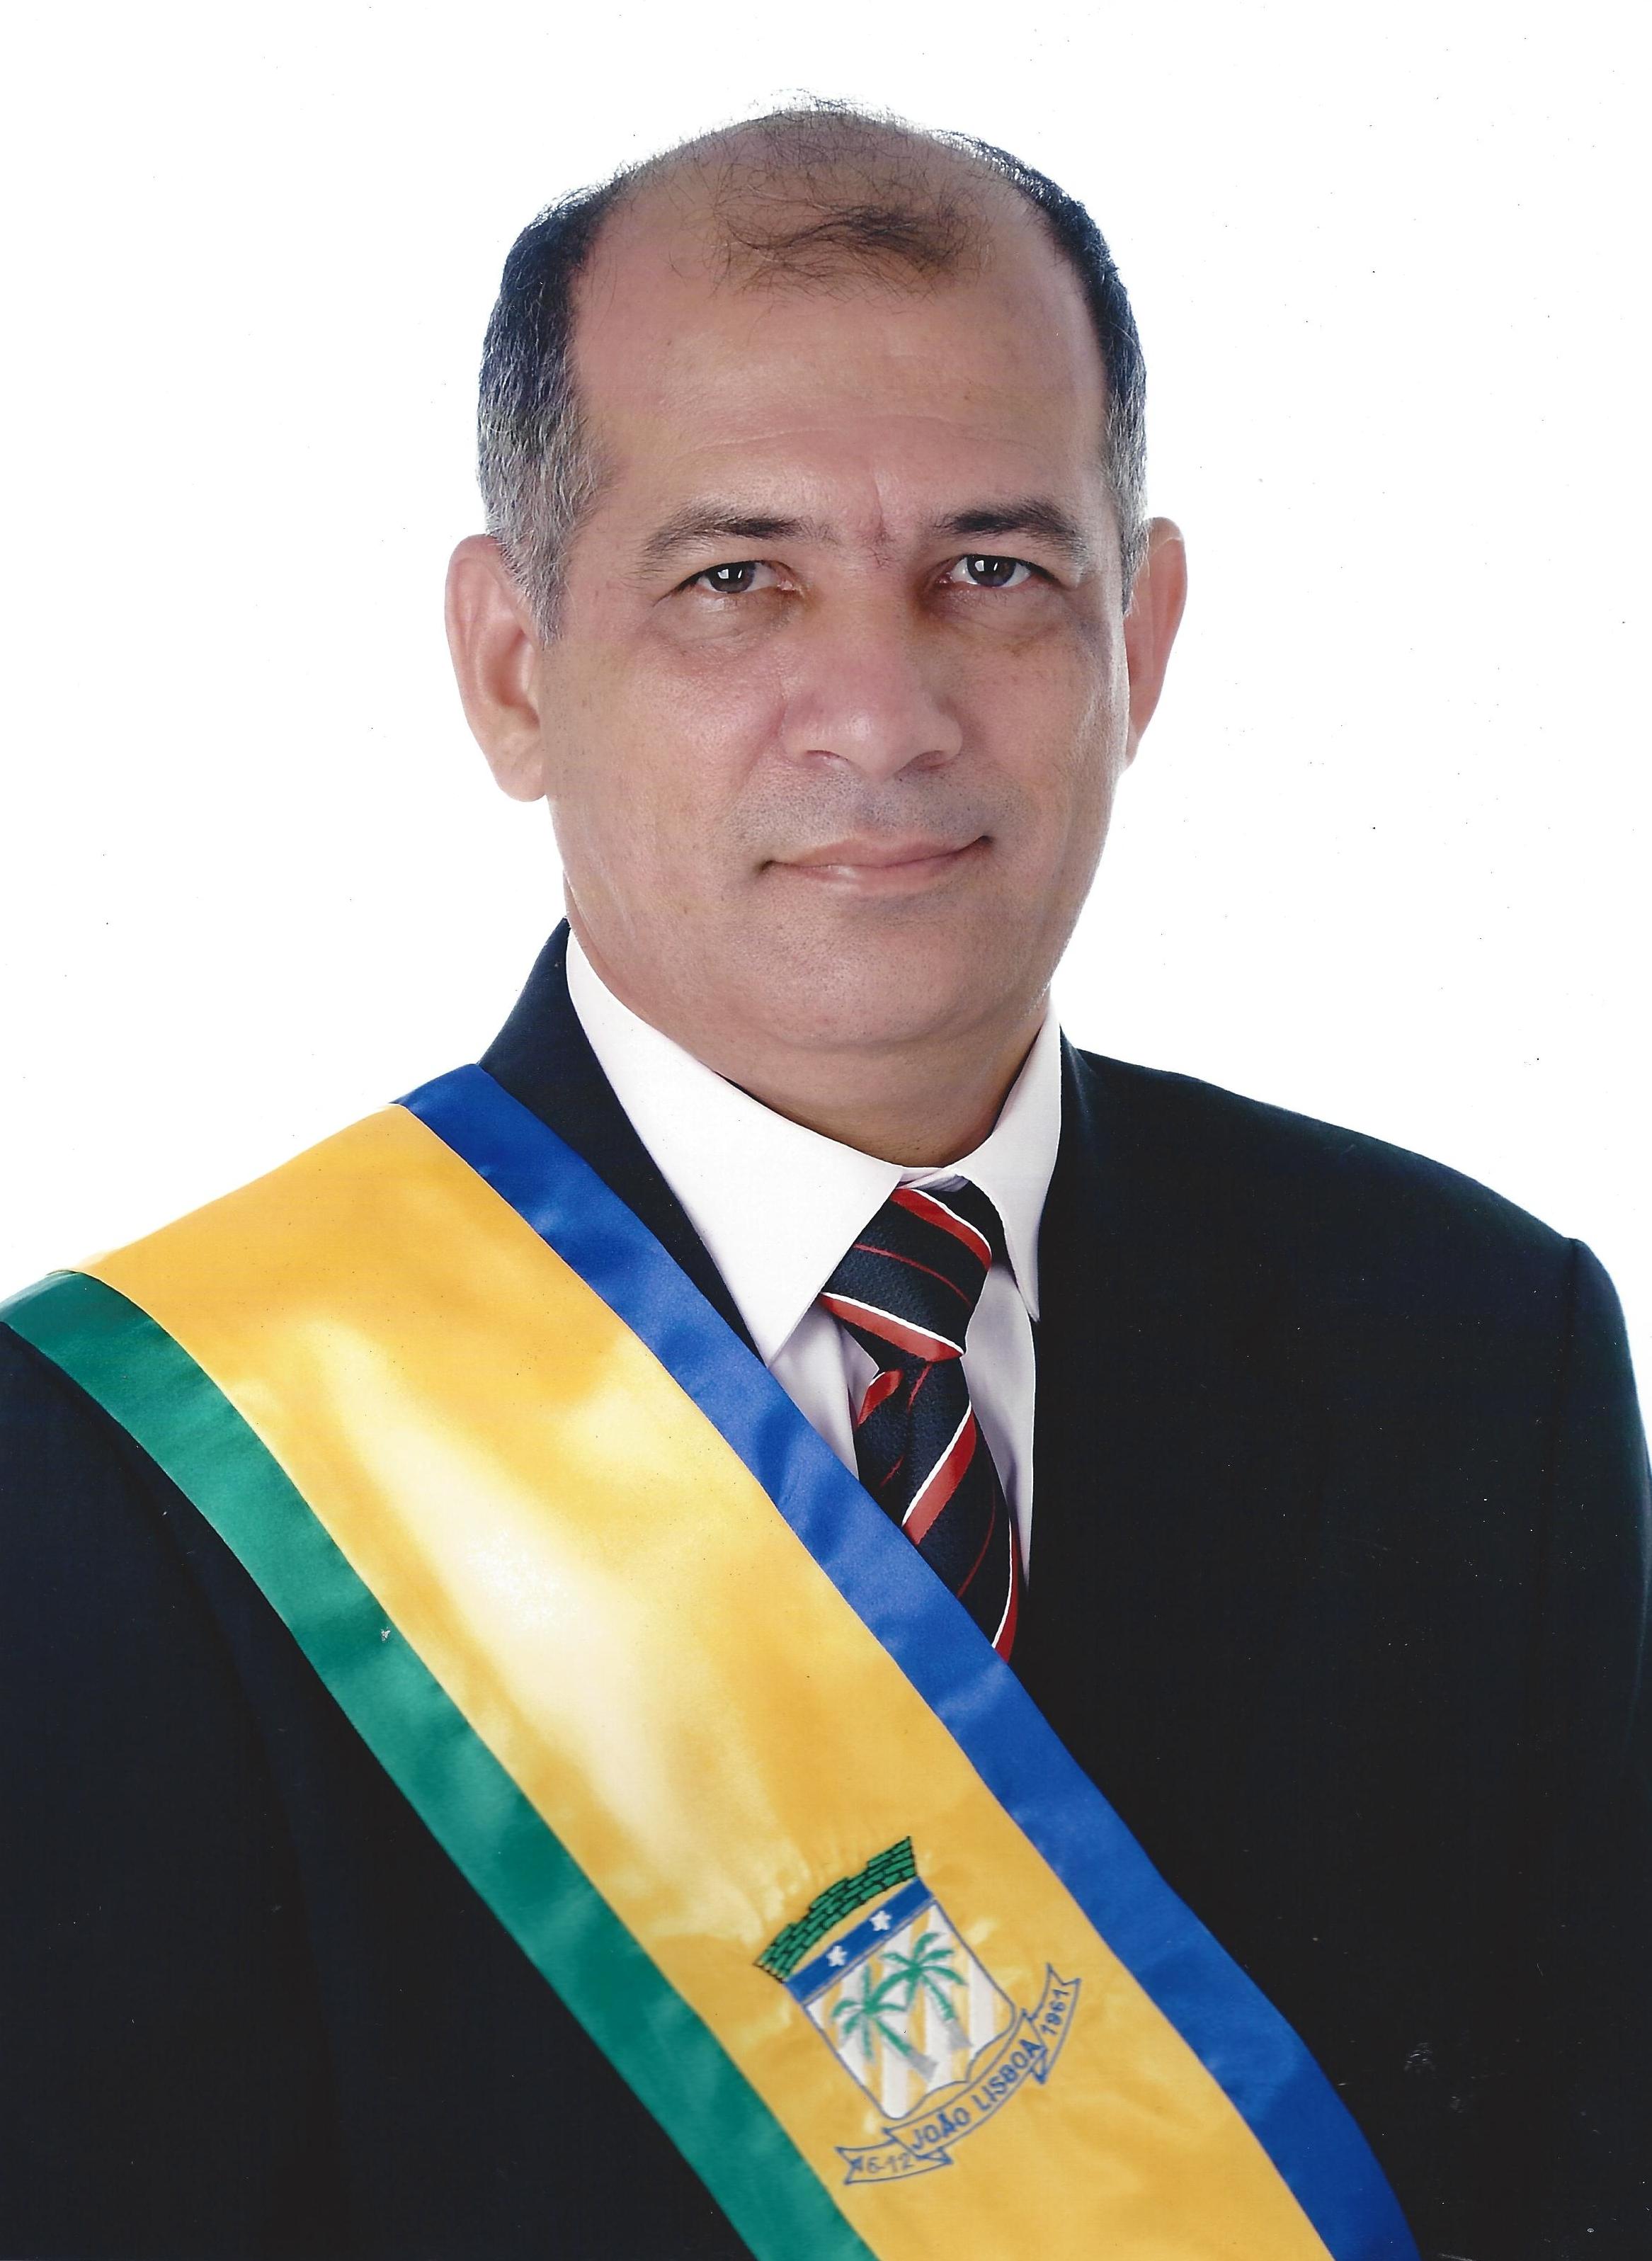 JAIRO MADEIRA DE COIMBRA